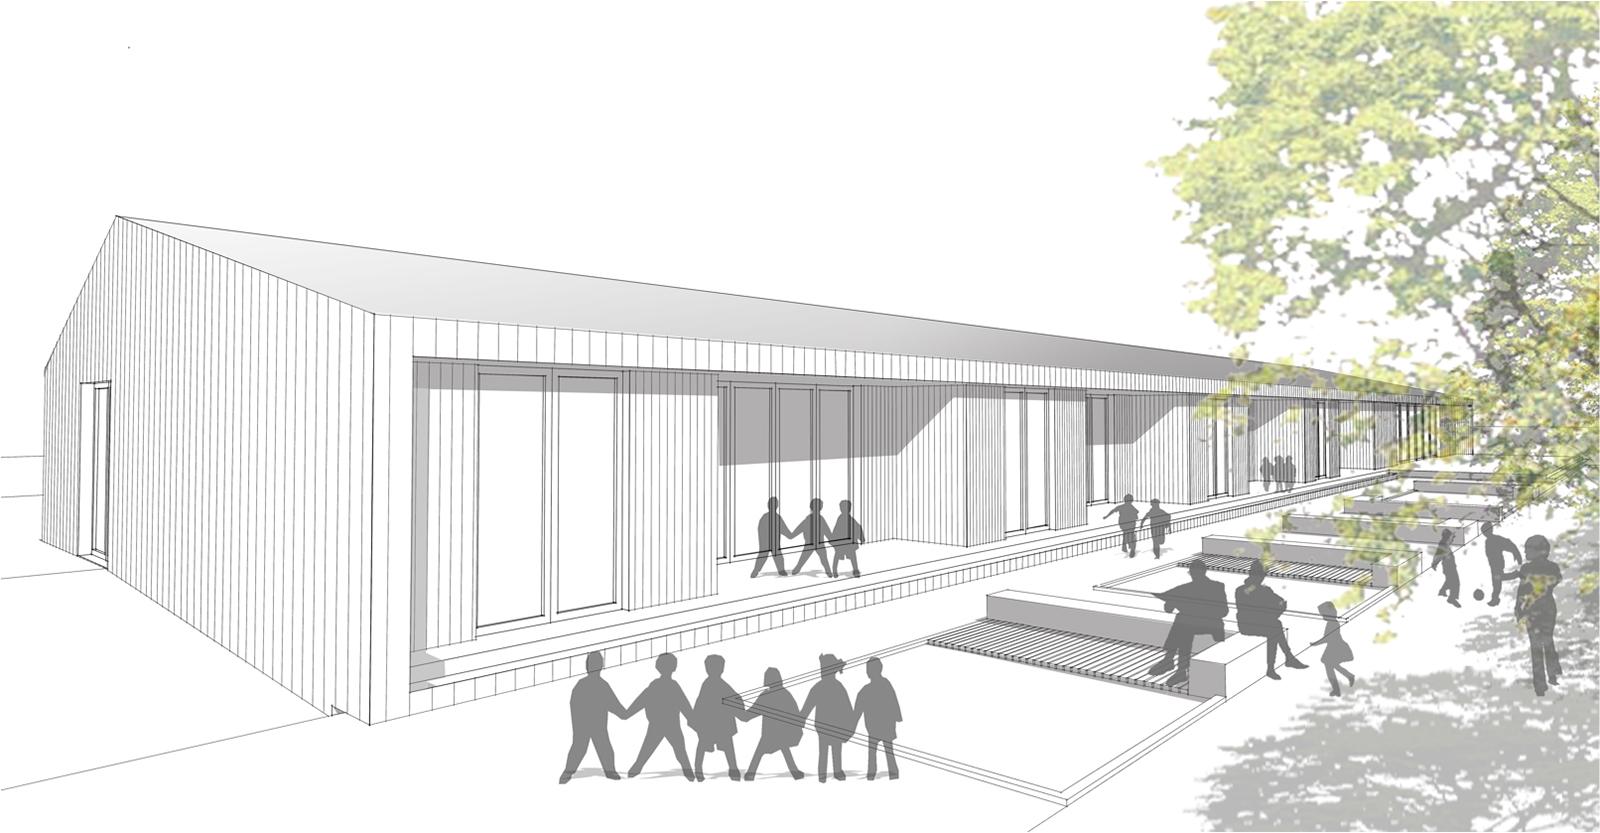 Wettbewerb-Hirrlingen-Friedrich-Poerschke-Zwink-Architekten-3D-Skizze